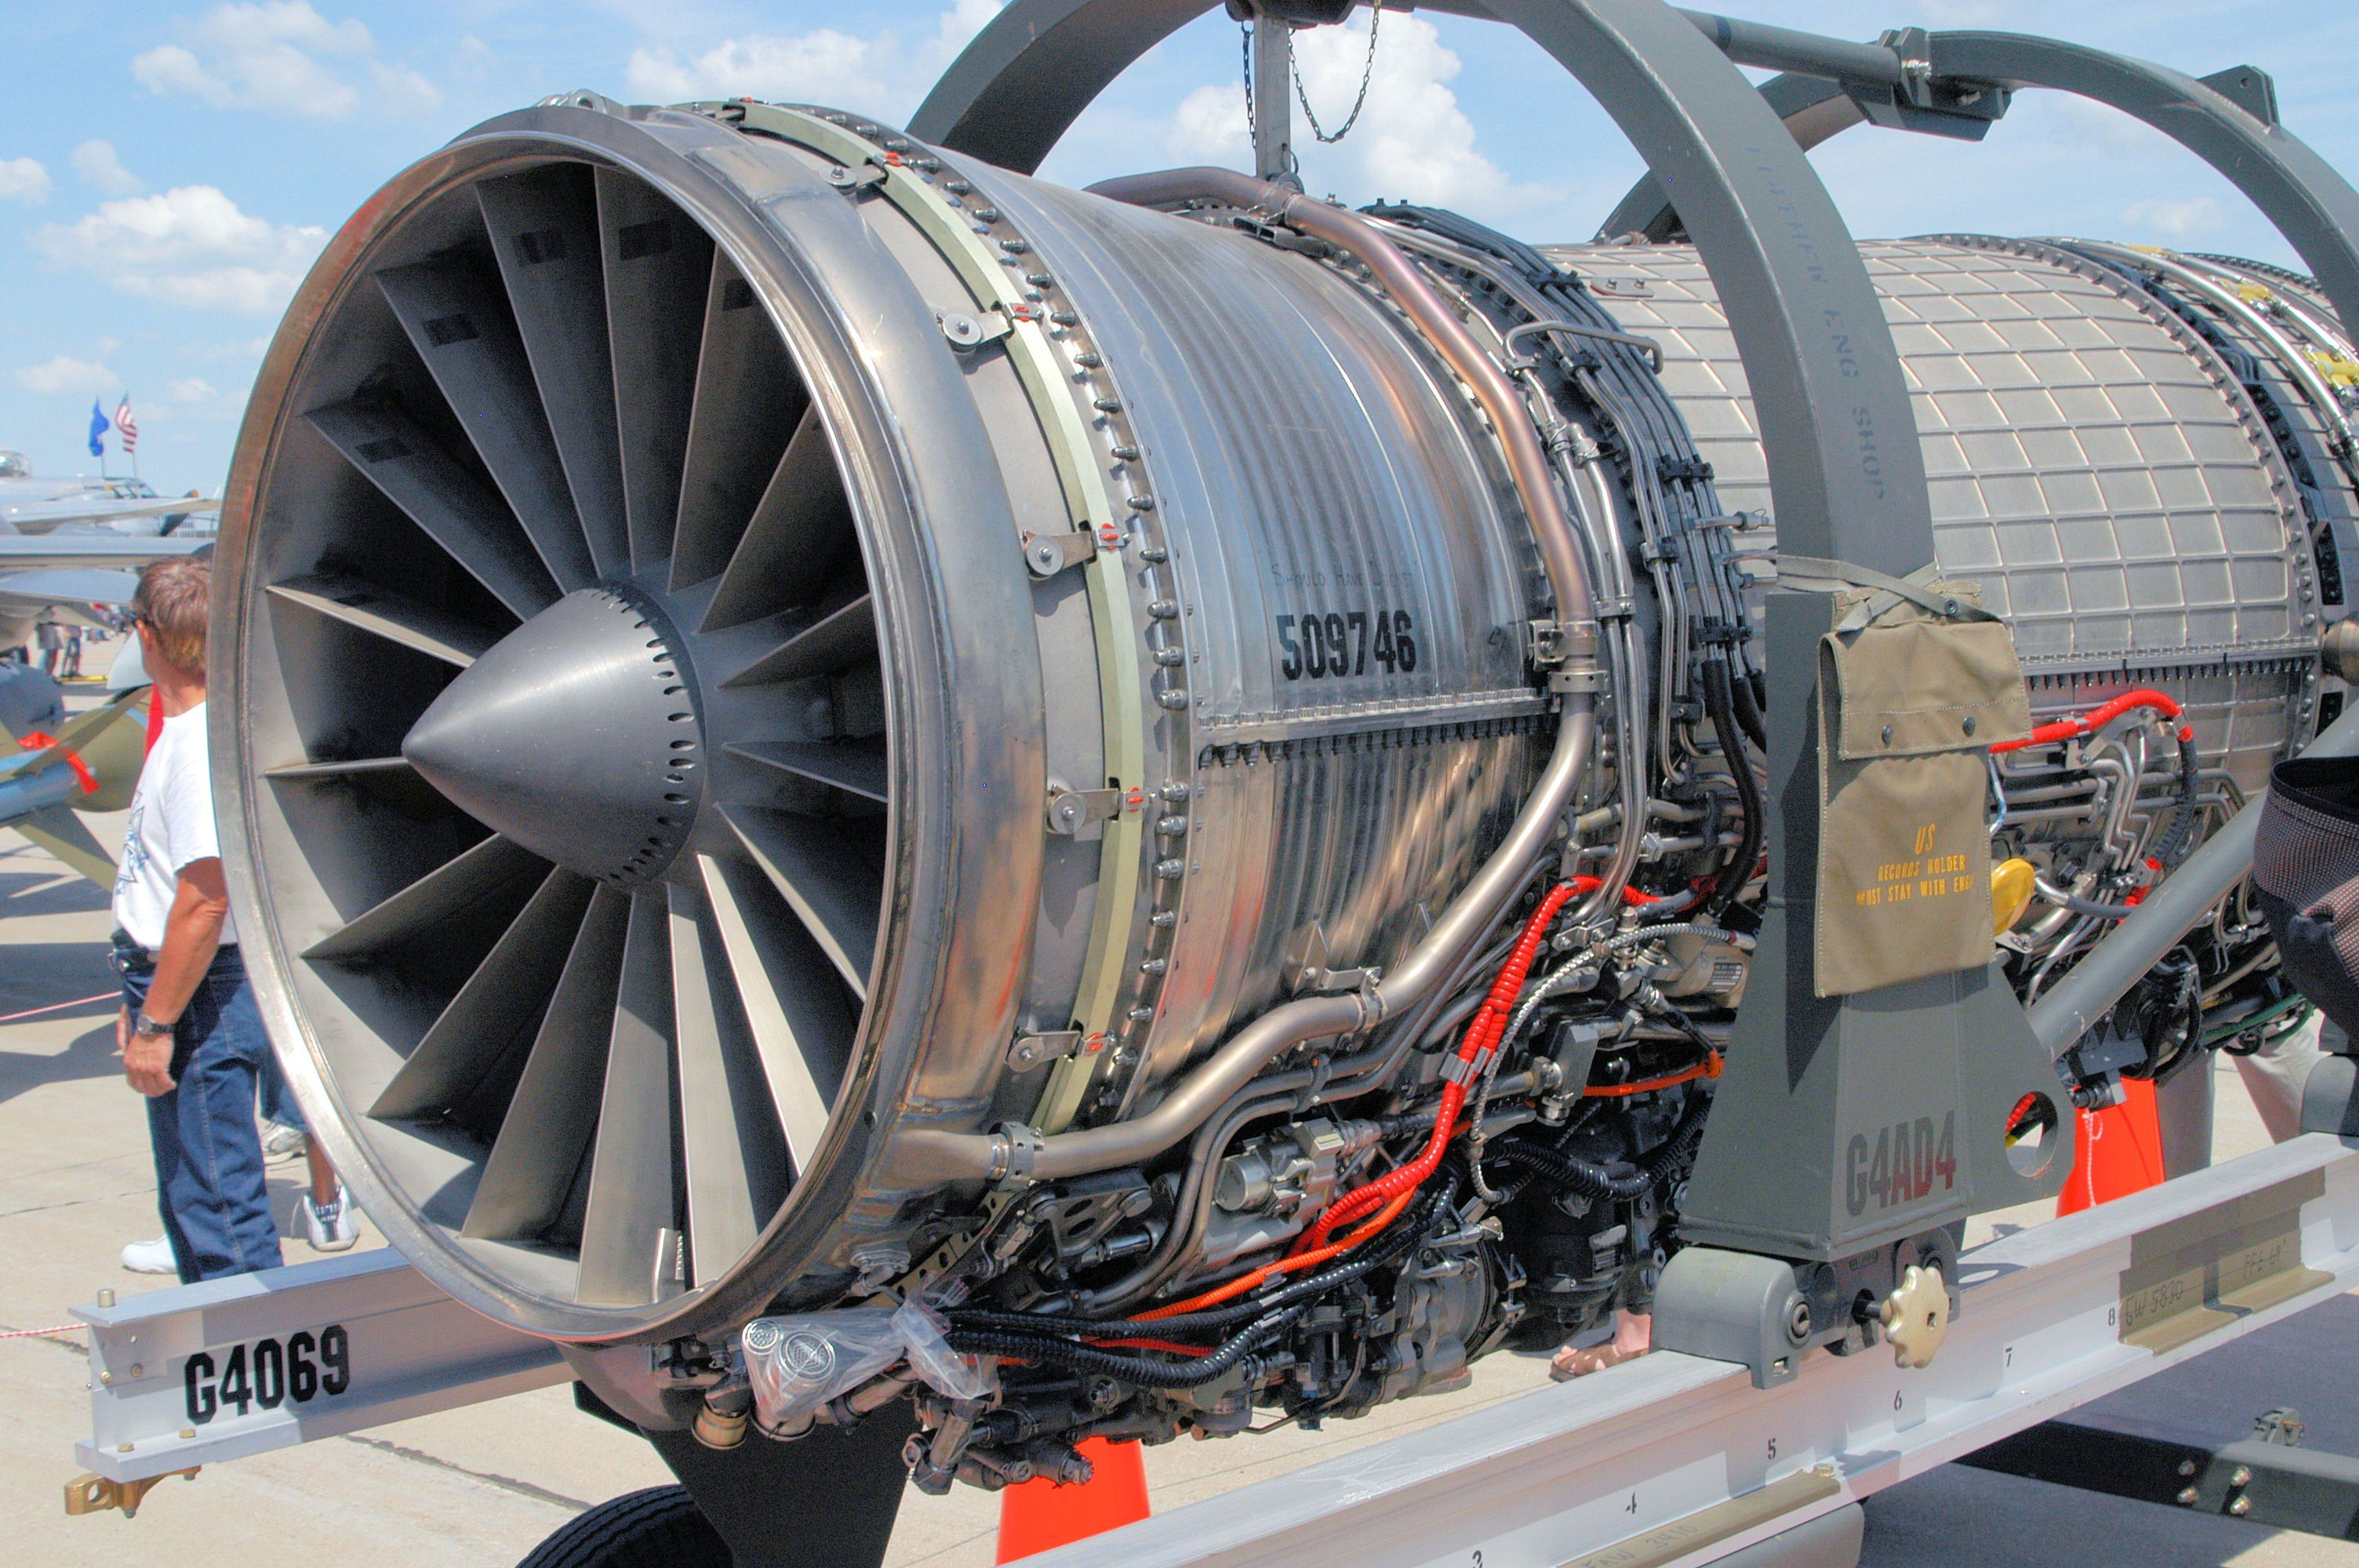 F110-GE-100 F-16 엔진 - 유용원의 군사세계